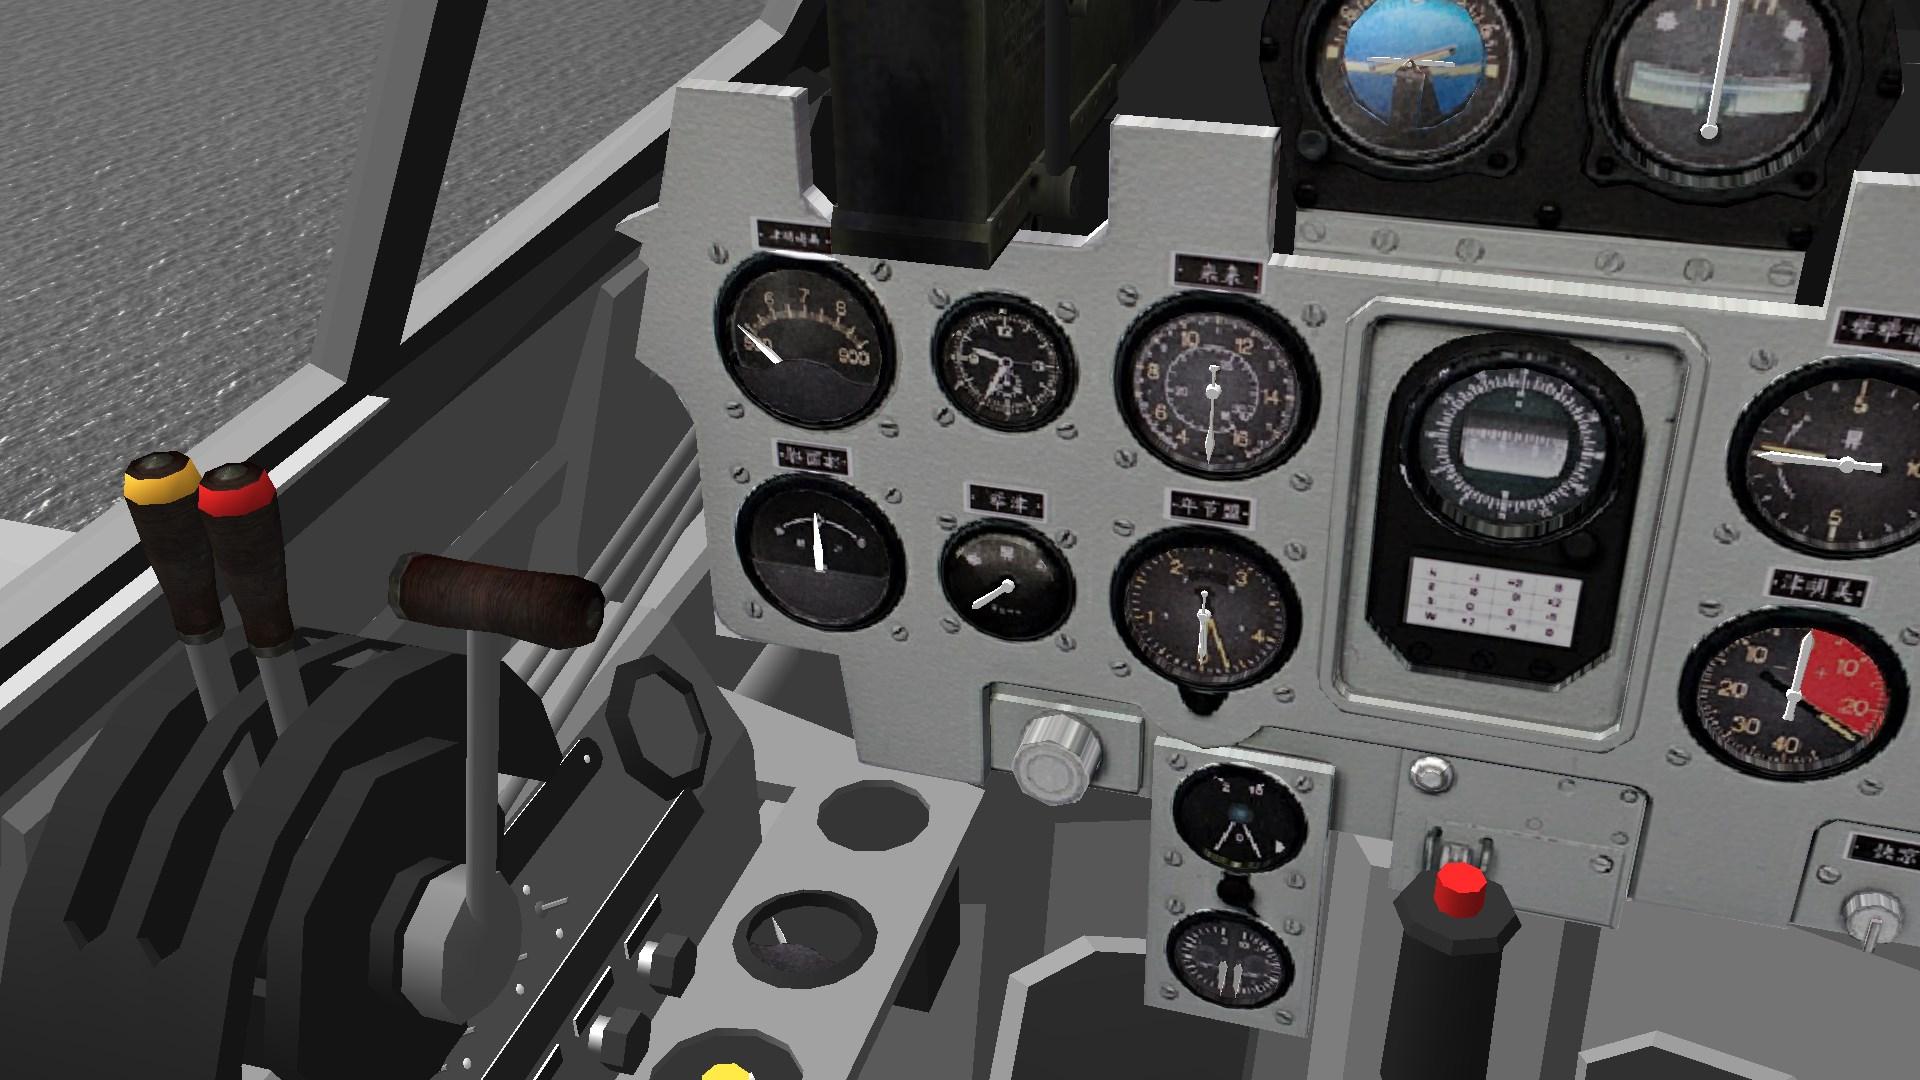 A6m Cockpit